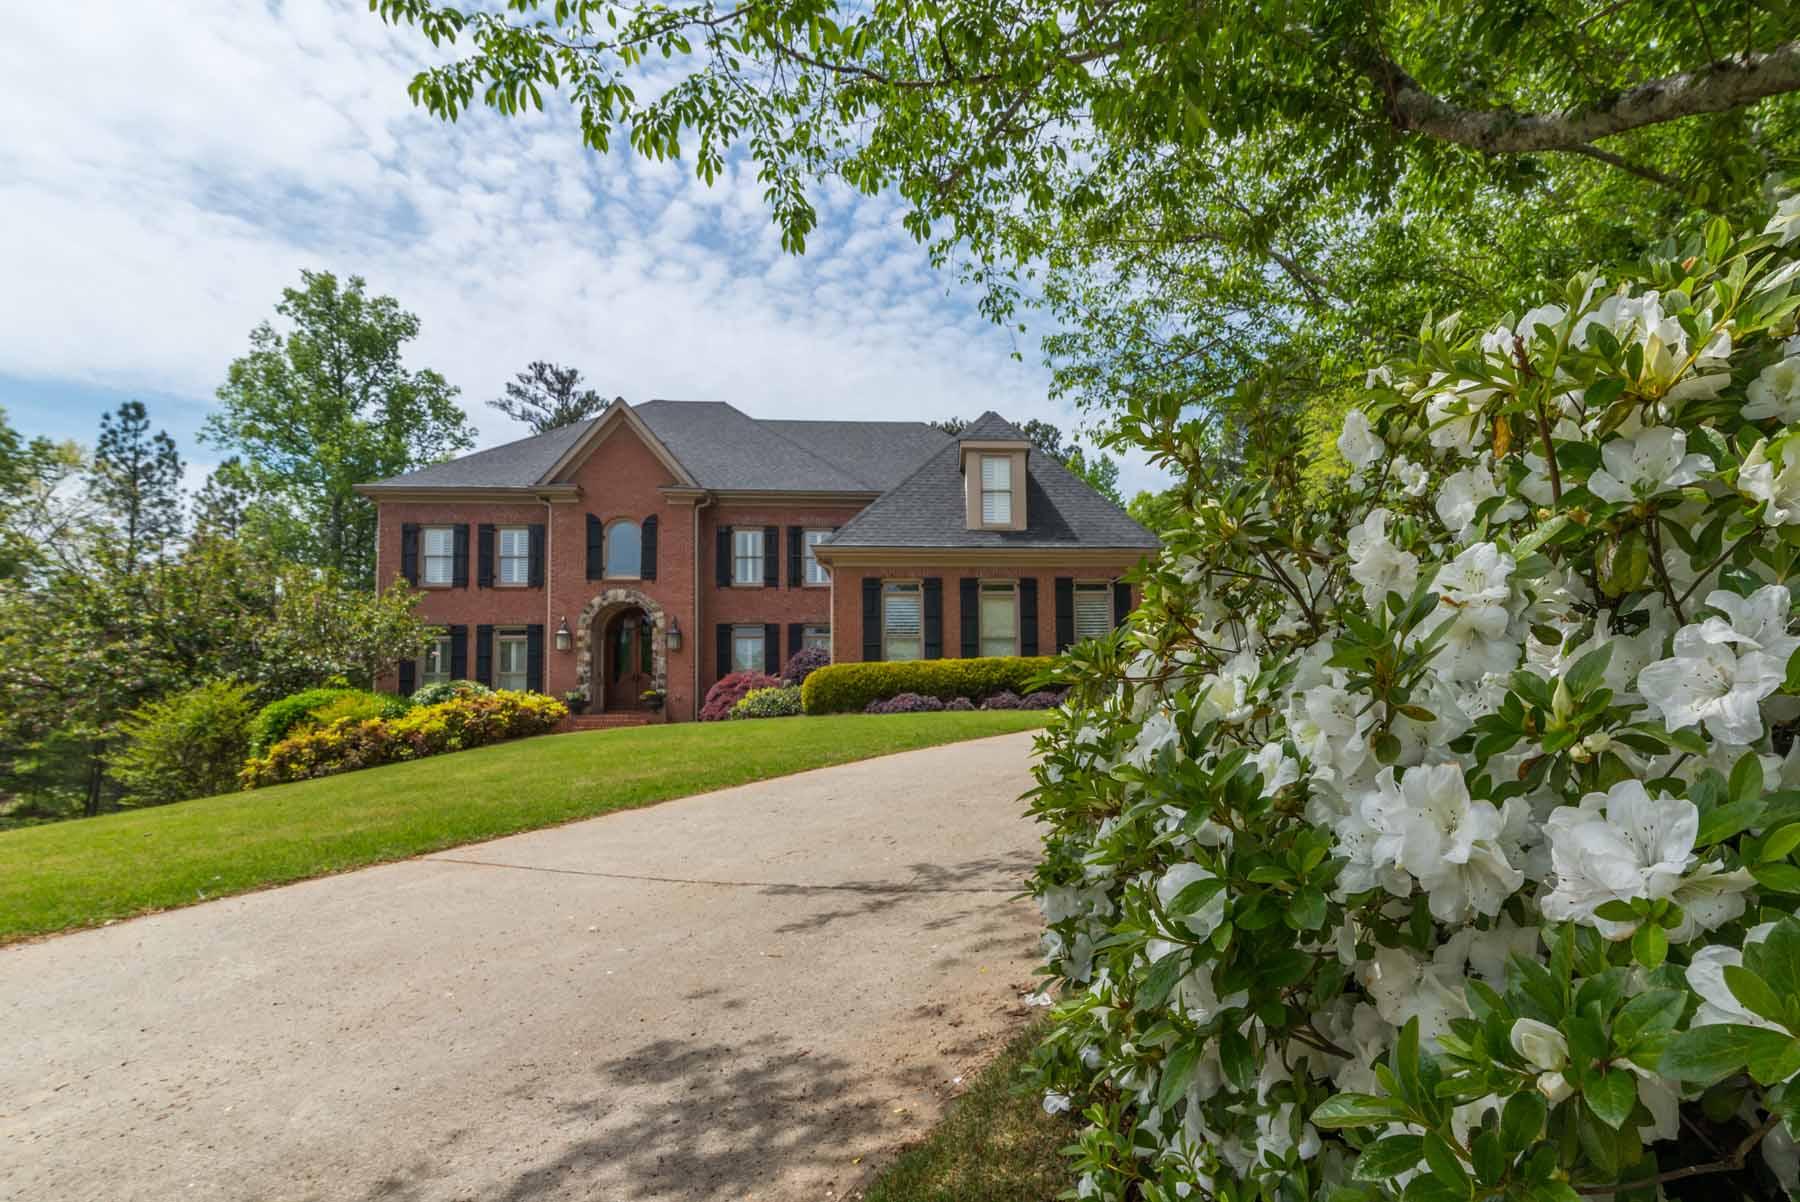 Villa per Vendita alle ore Impeccable Home at Golf Club of Georgia 1155 Admiral Crossing Alpharetta, Georgia, 30005 Stati Uniti